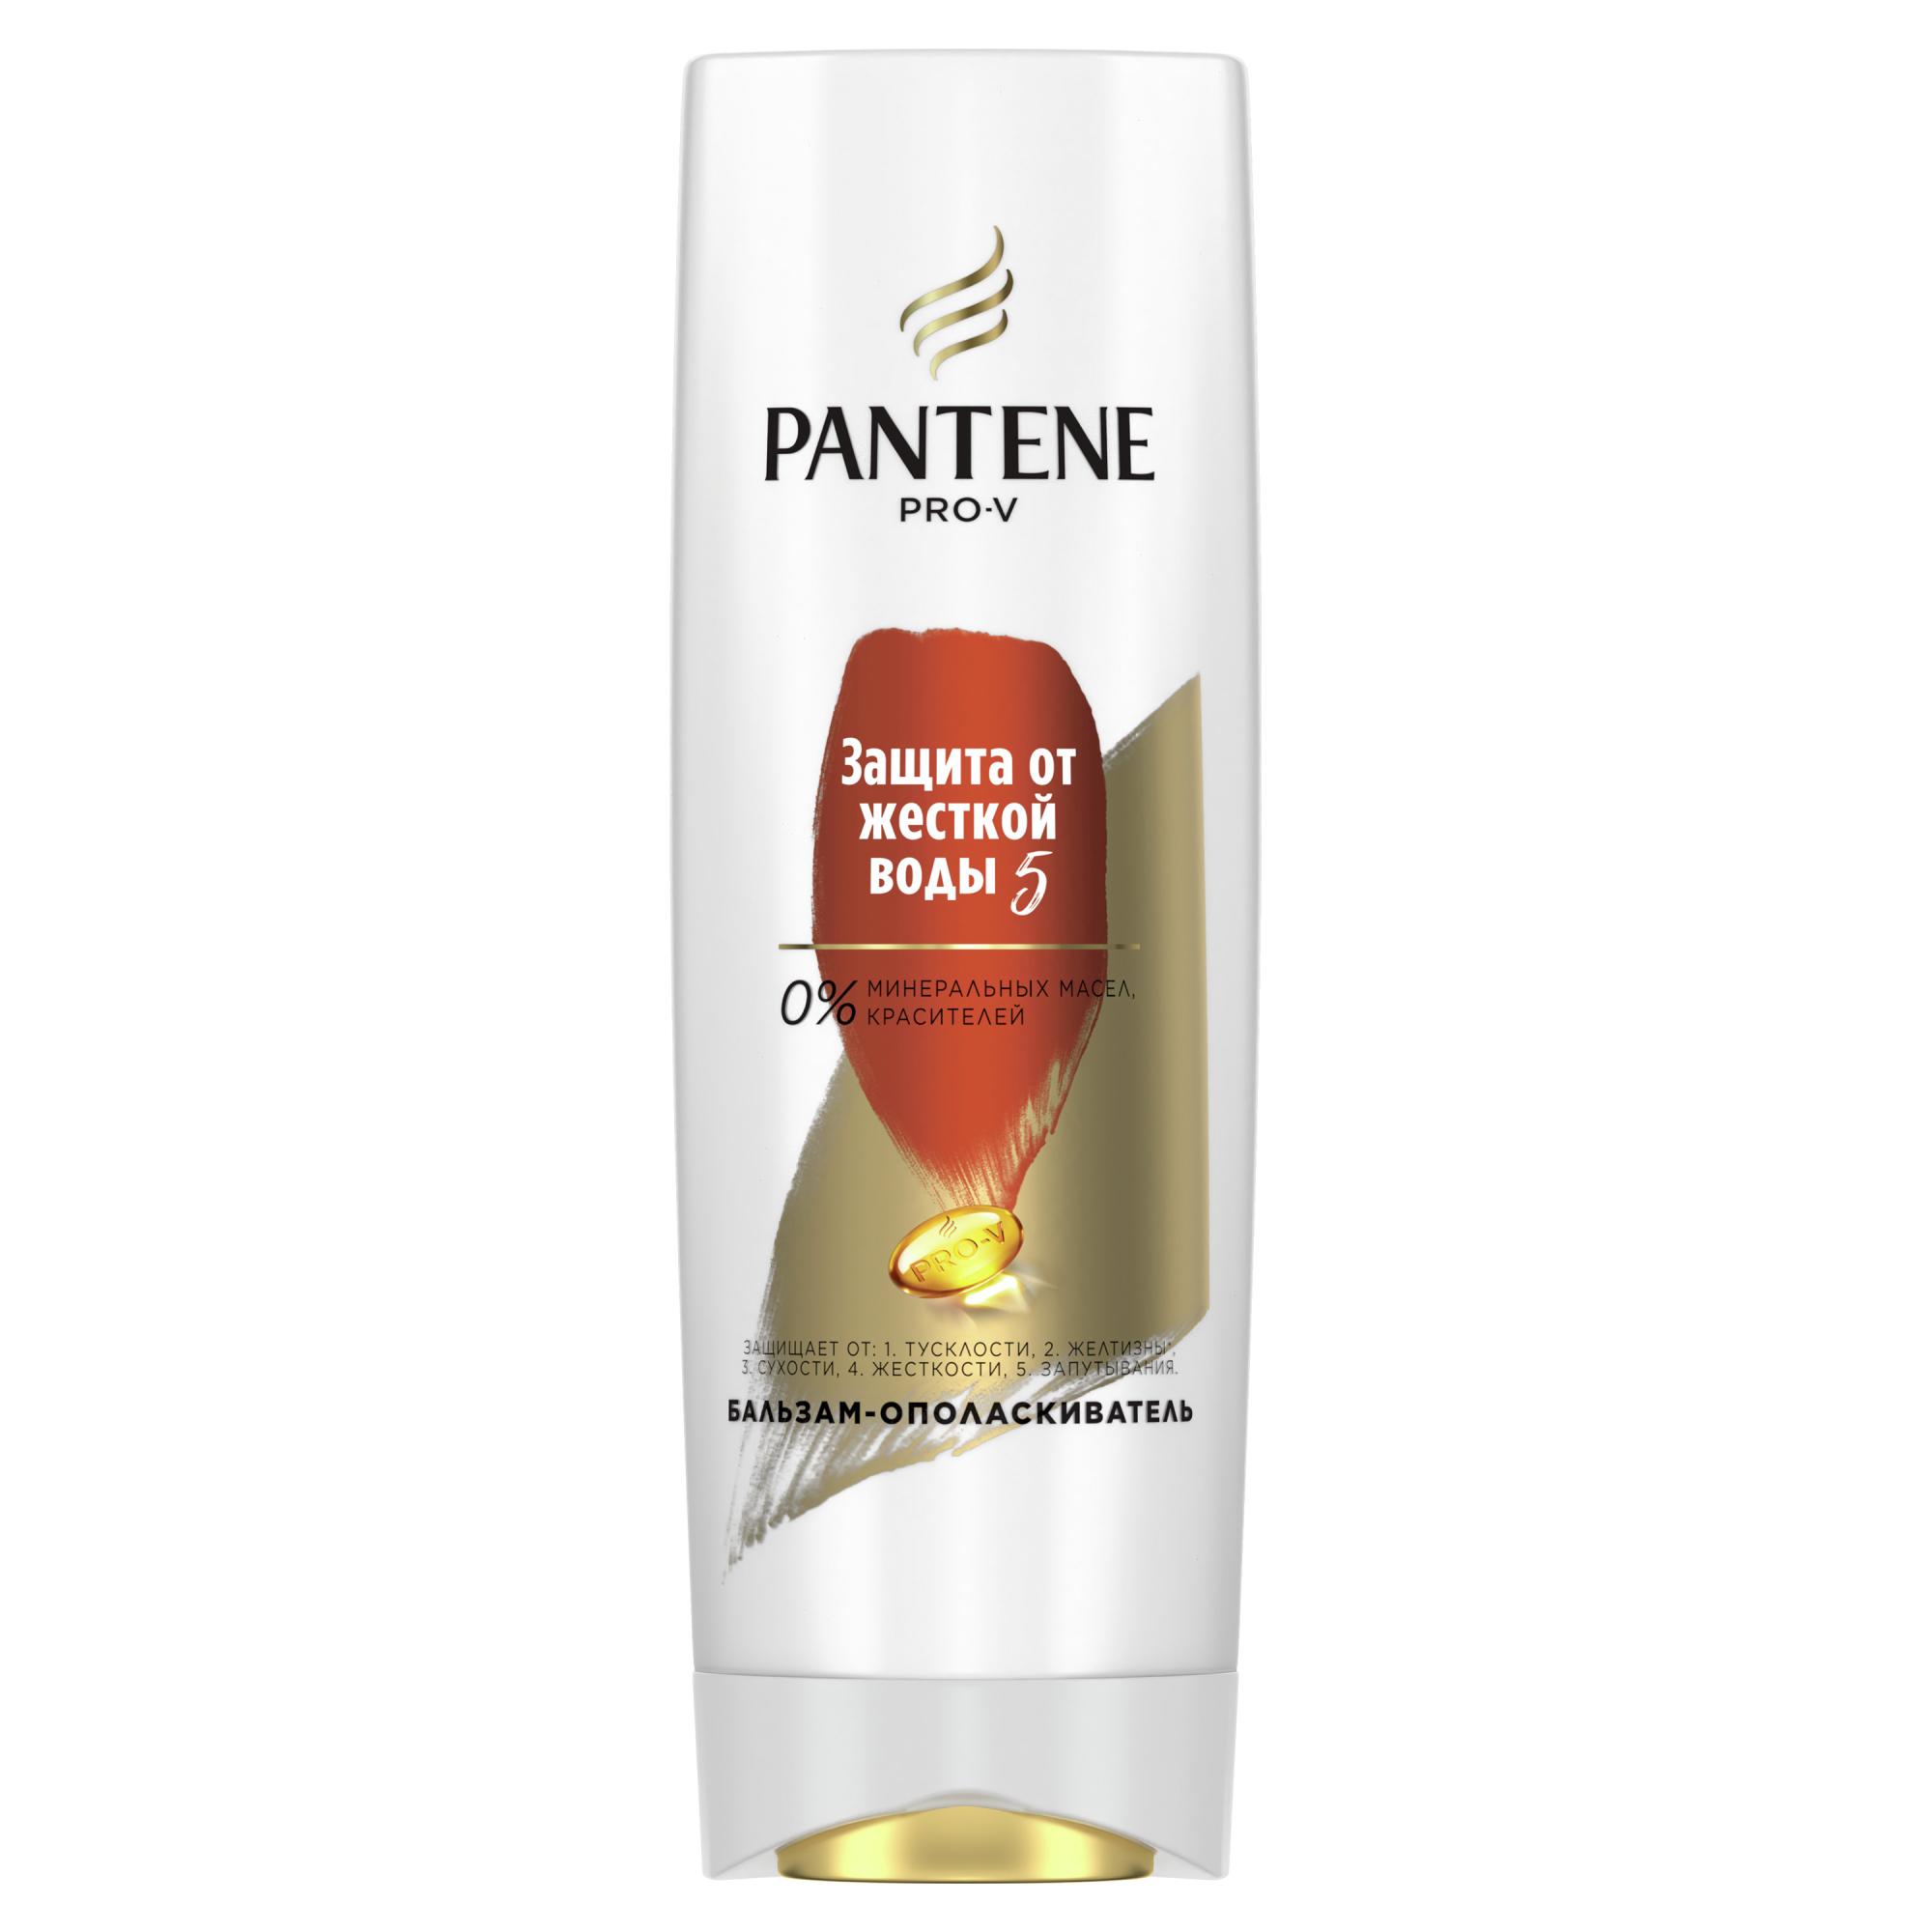 Бальзам-ополаскиватель Pantene Pro-V Защита от жесткой воды 360 мл pantene бальзам ополаскиватель защита от потери волос для ломких волос 360 мл